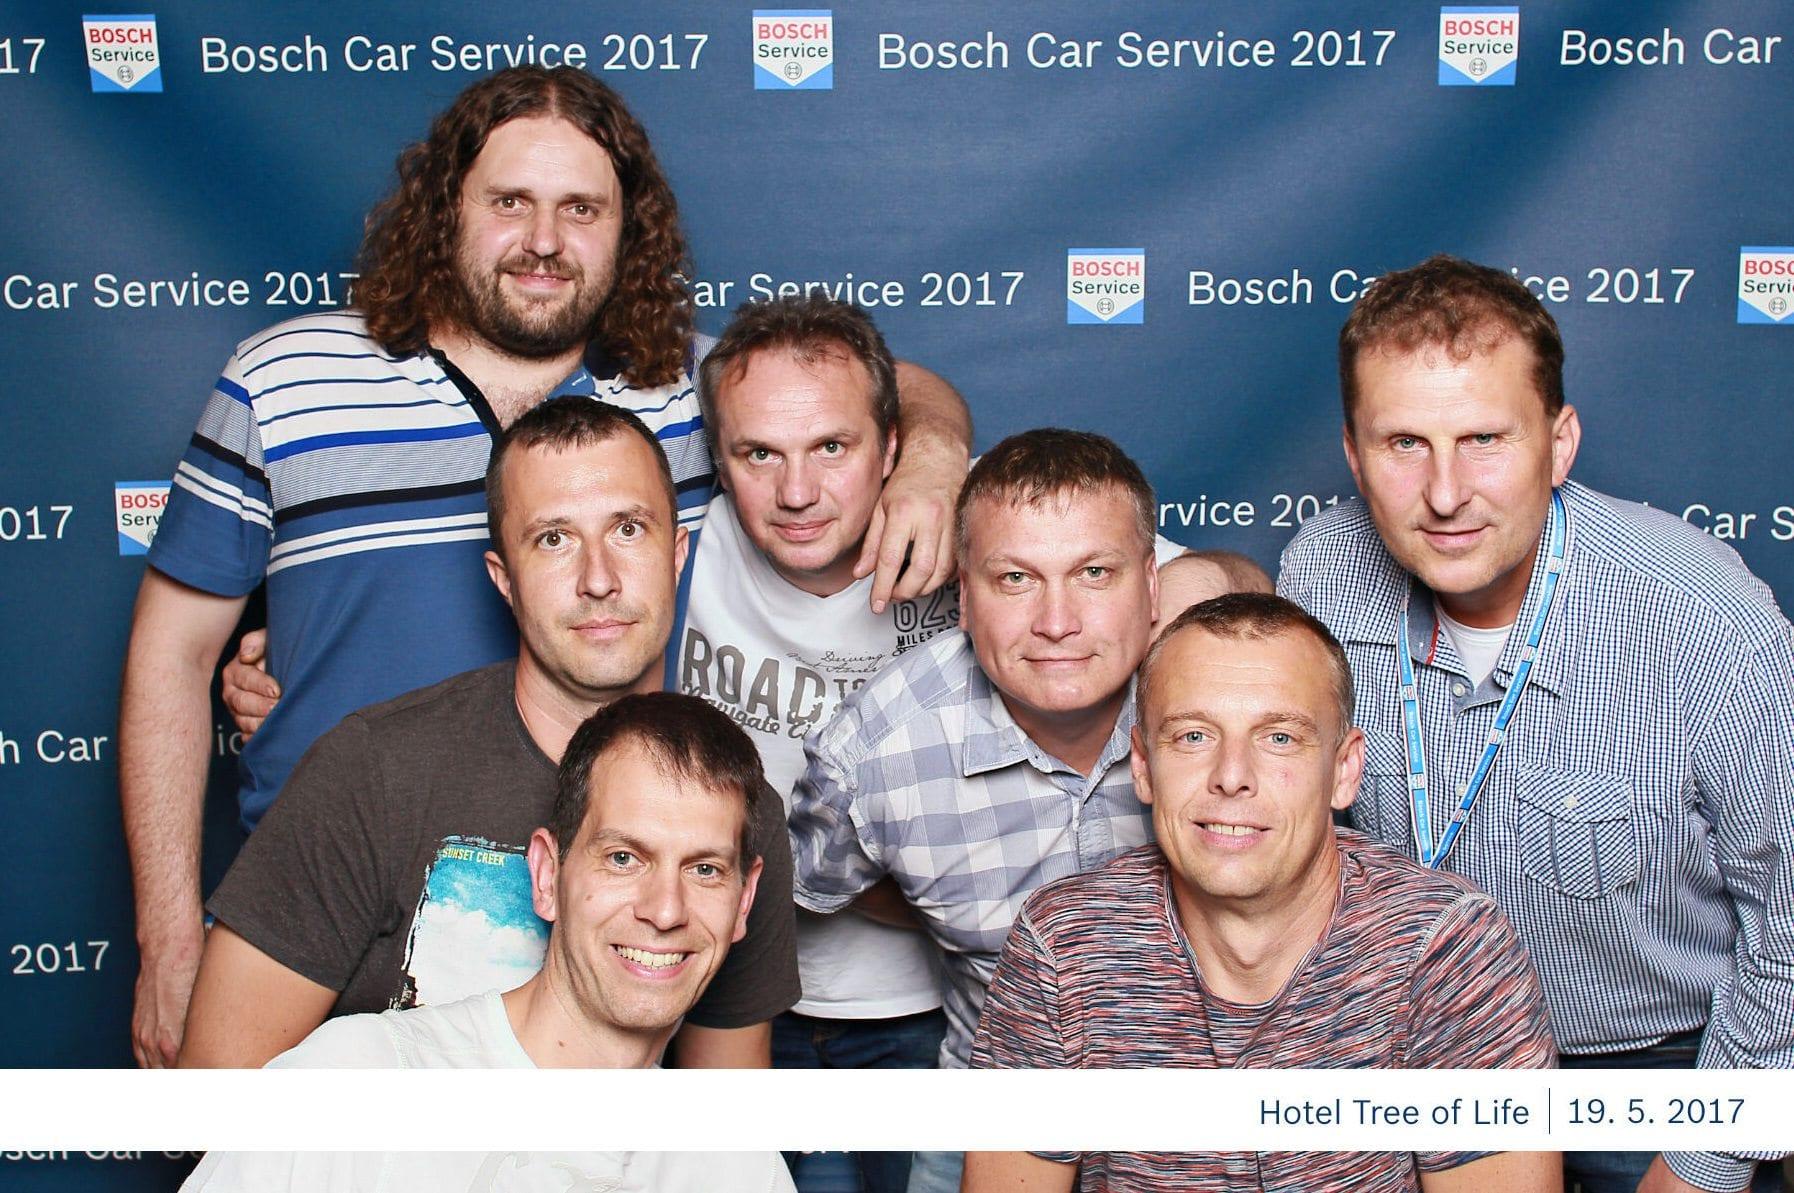 fotokoutek-bosch-car-service-2017-19-5-2017-248177